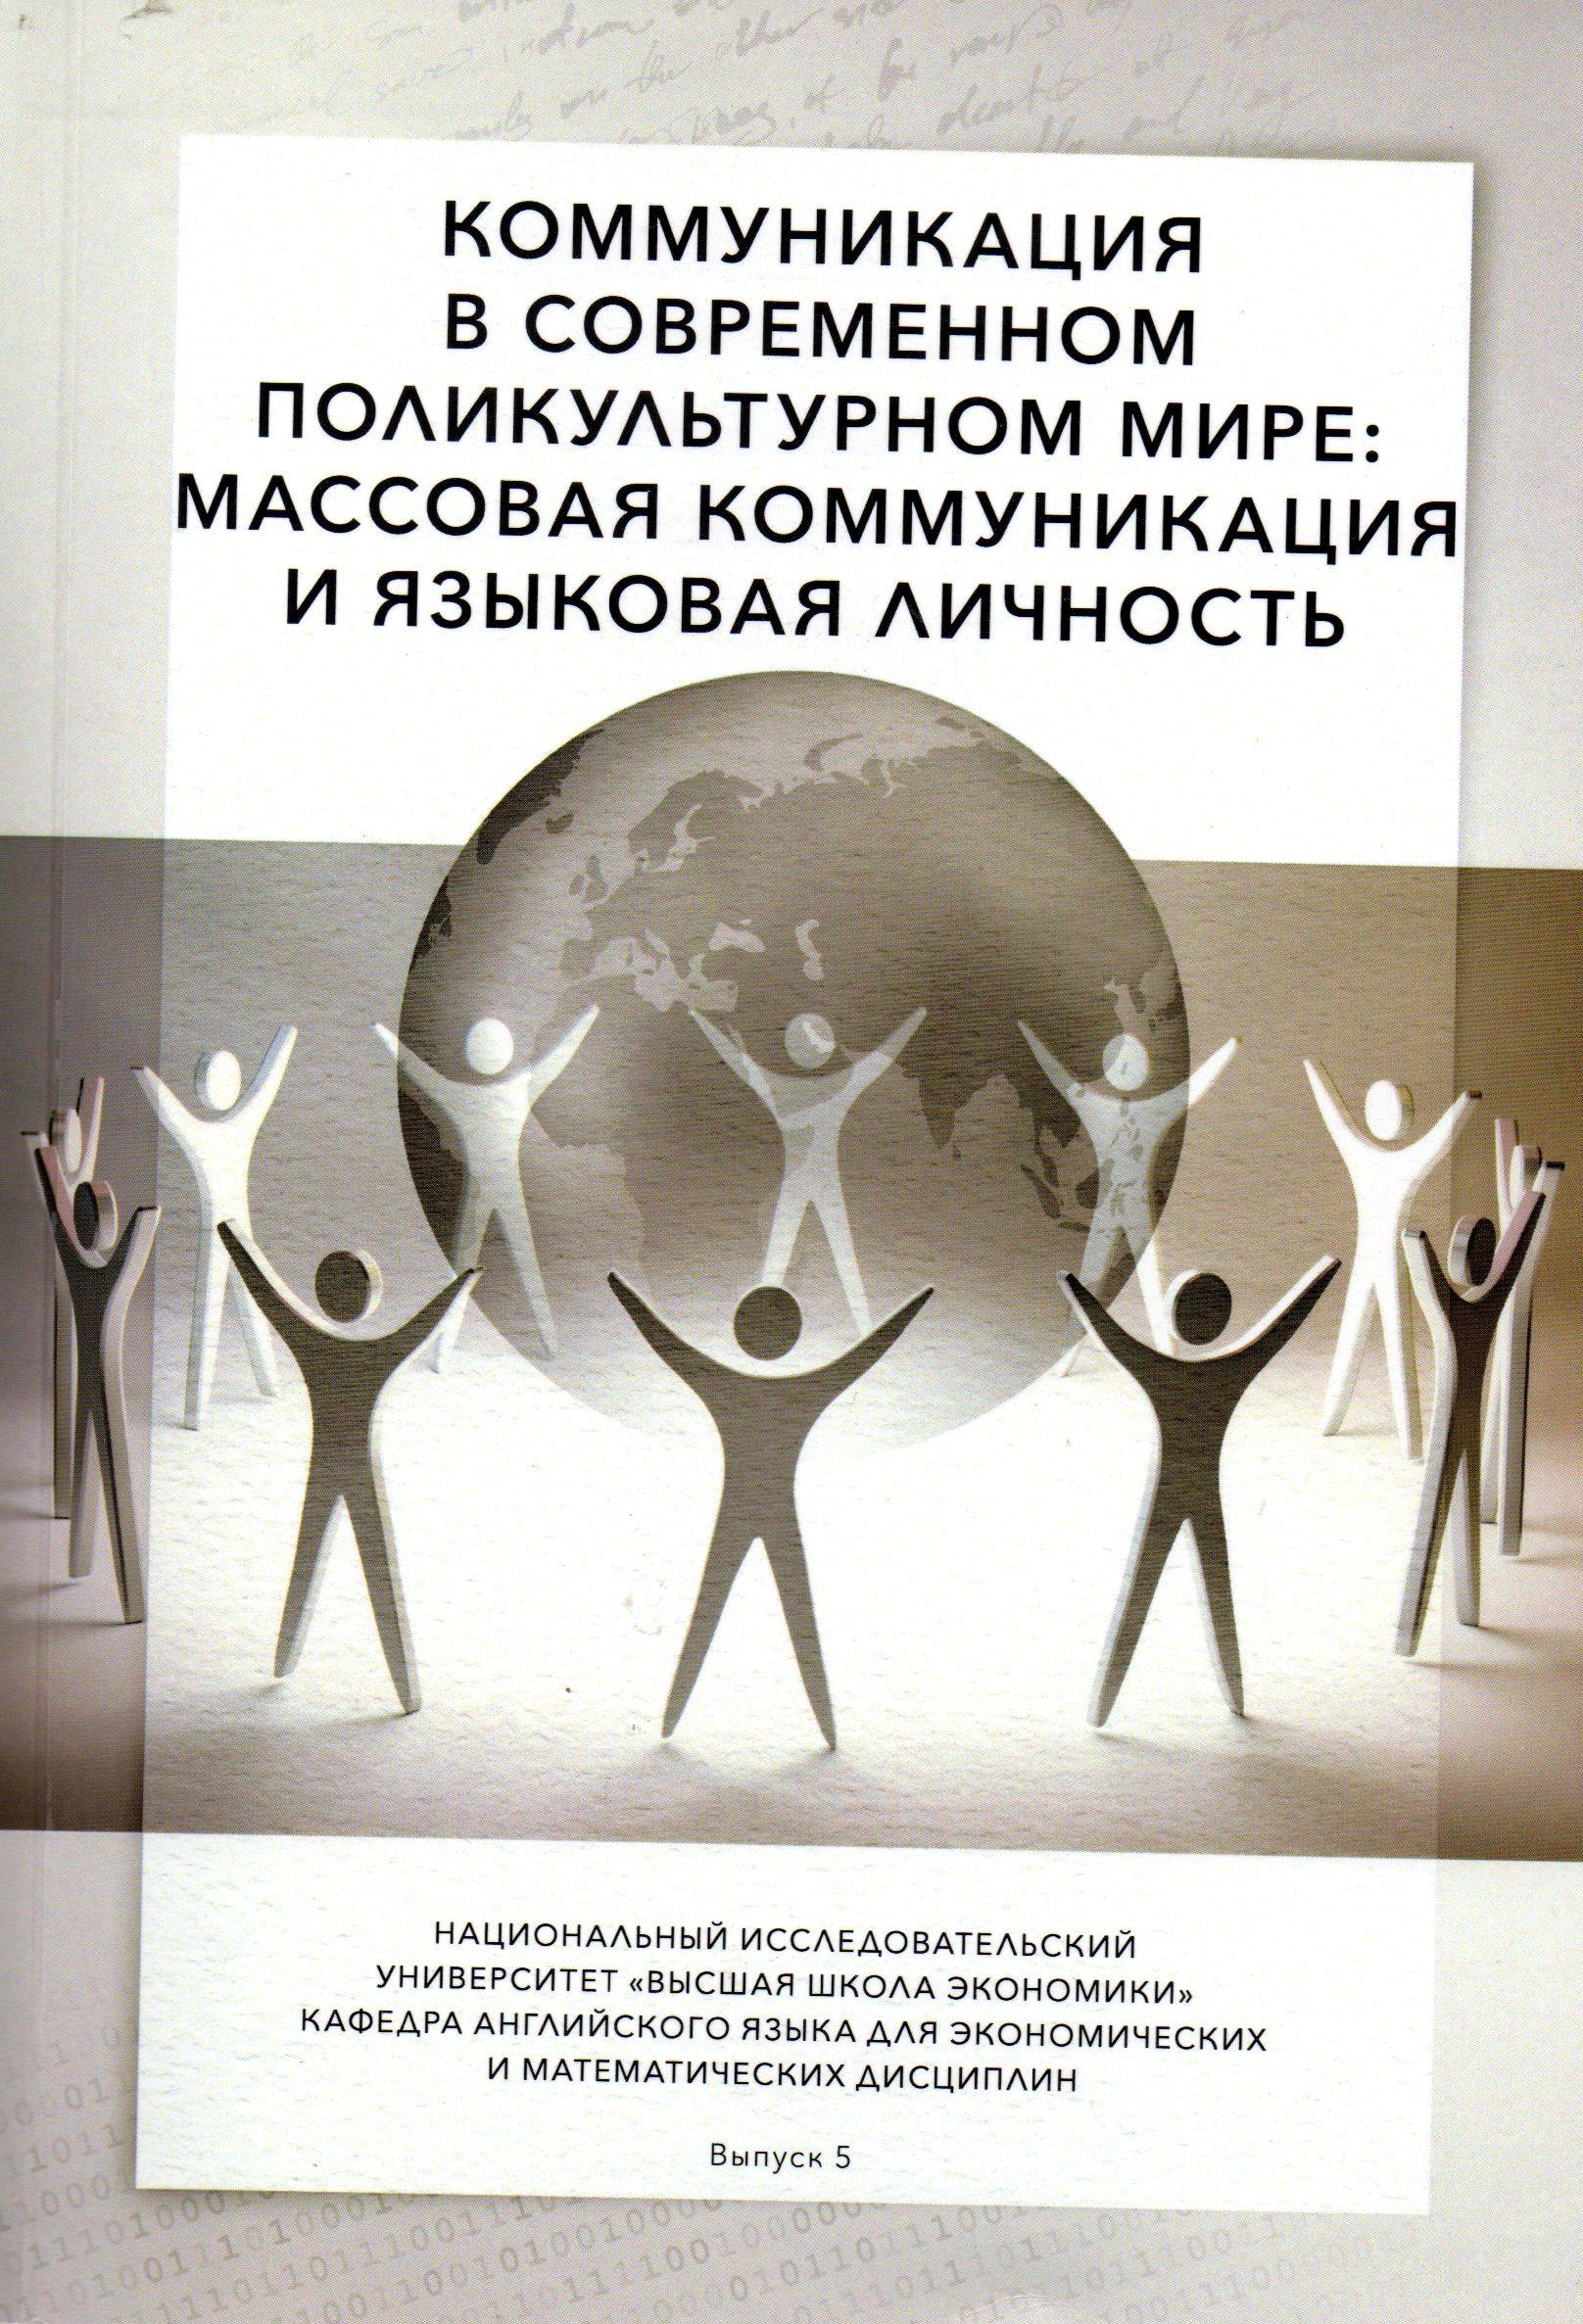 Коммуникация в современном поликультурном мире: массовая коммуникация и языковая личность